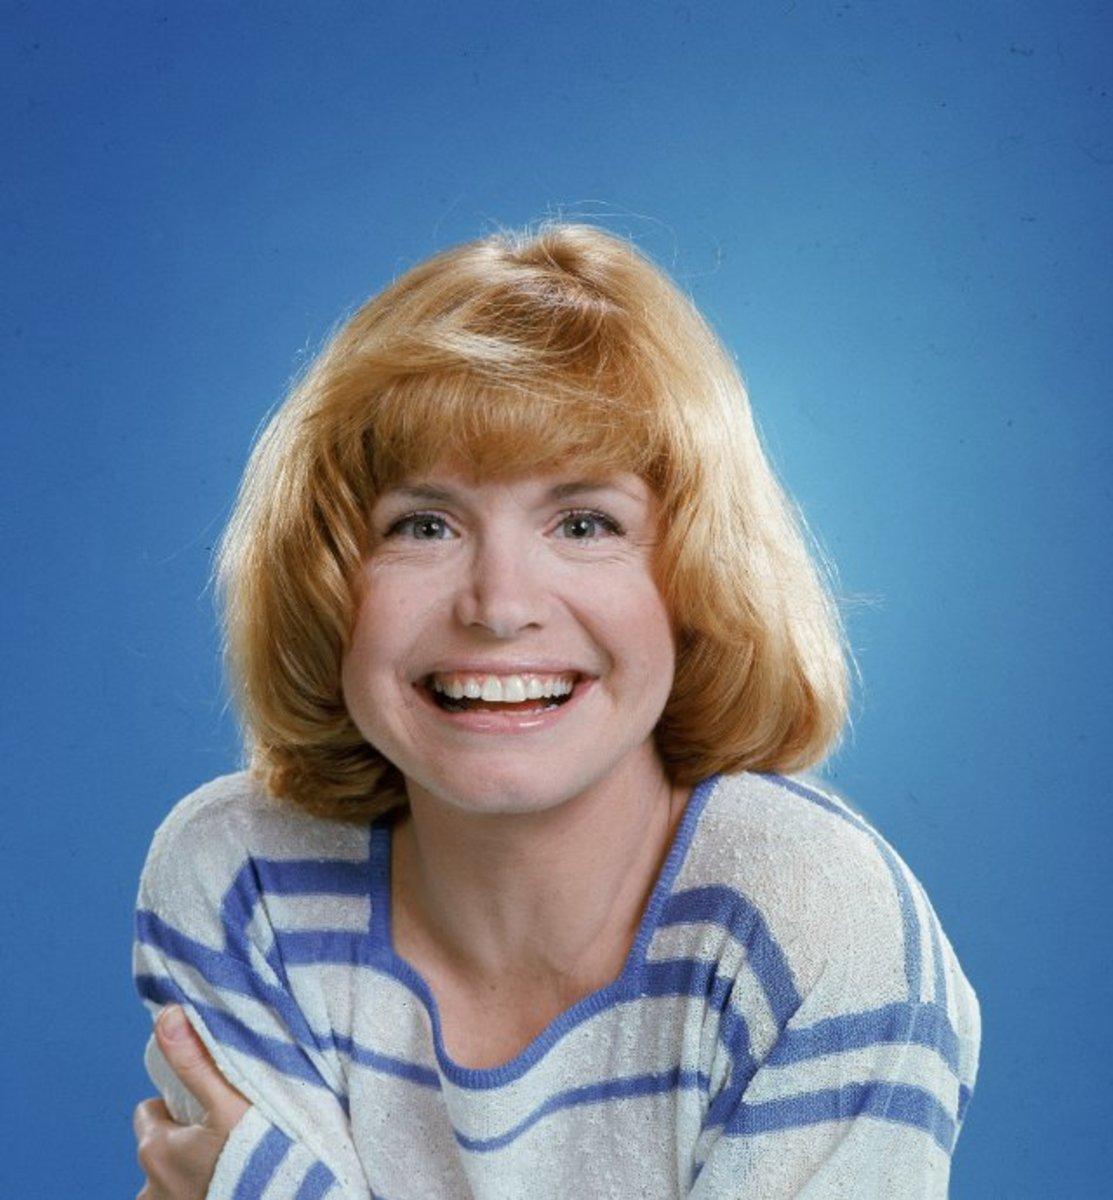 Bonnie Franklin, 1944-2013